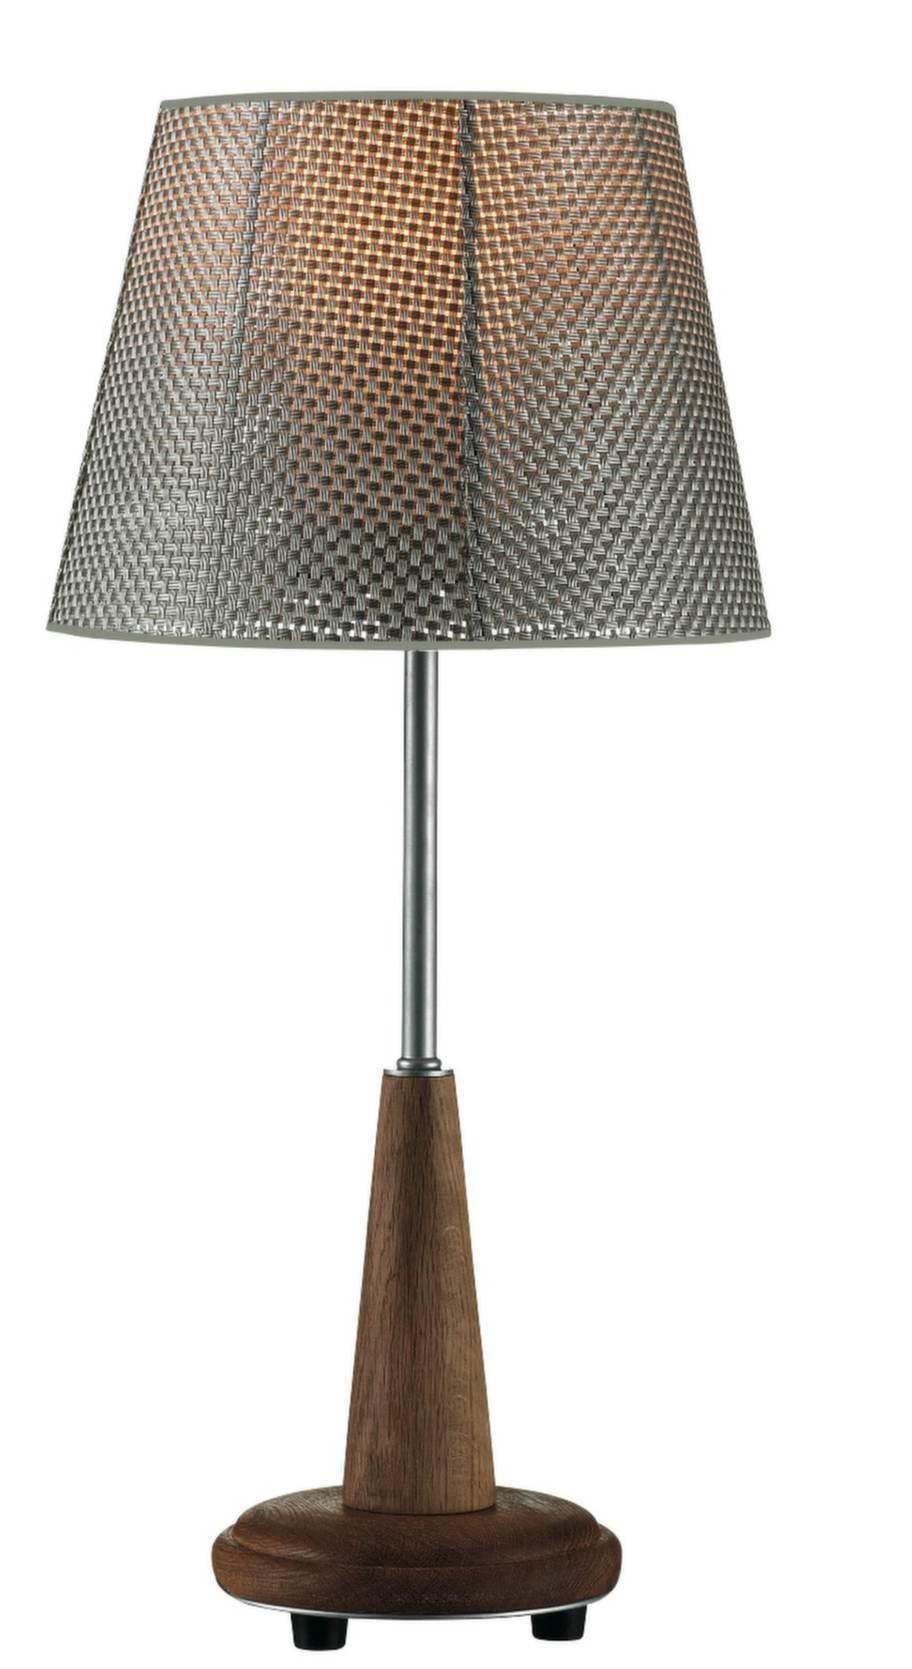 Vävd skärm. Bordslampa i lackad ek och vävd akrylskärm, 54 centimeter hög, 1 100 kronor, Markslöjd.